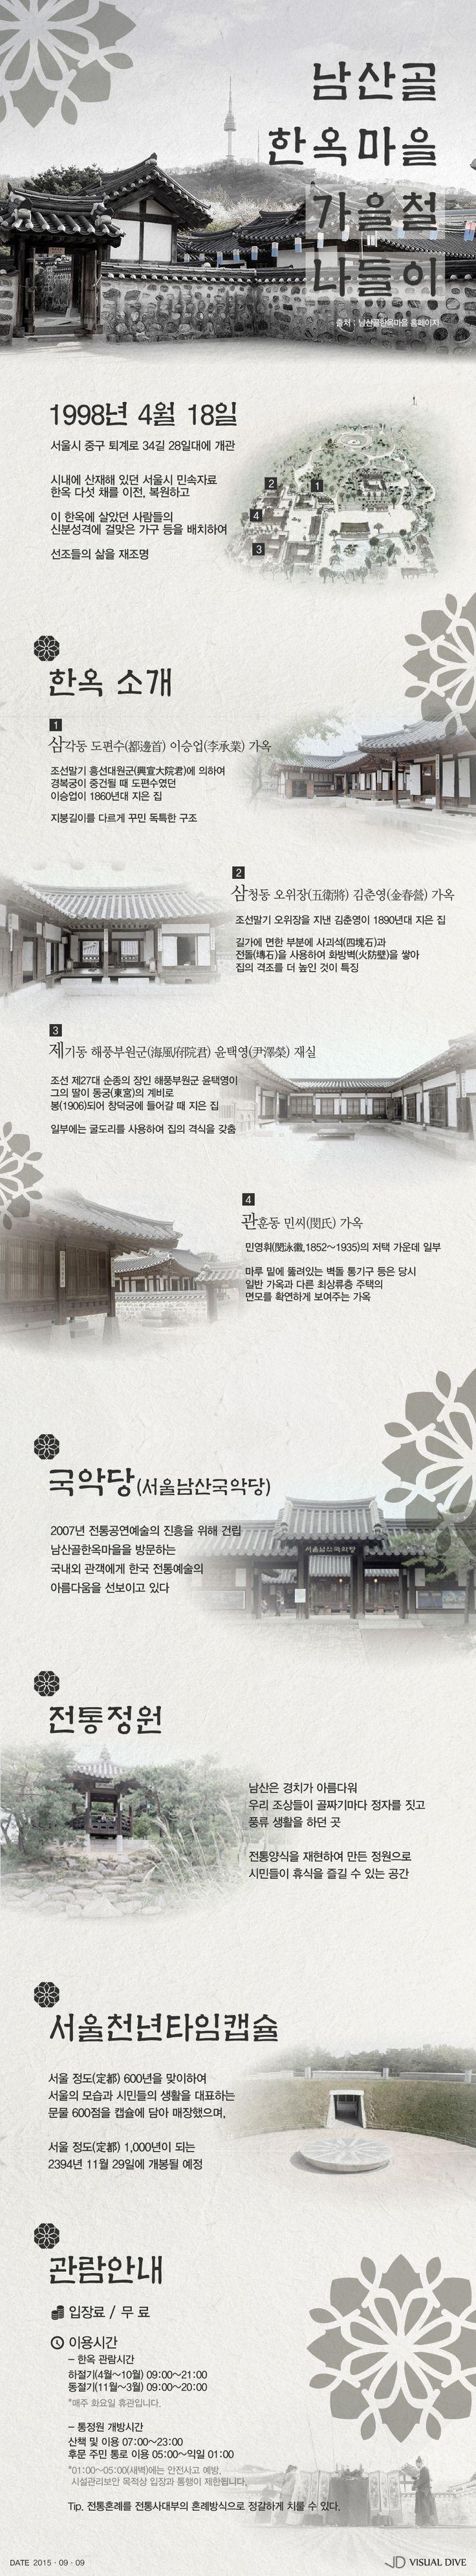 시내에서 즐기는 풍류, 남산골 한옥 마을 [인포그래픽] #Korean_house / #Infographic ⓒ 비주얼다이브 무단 복사·전재·재배포 금지